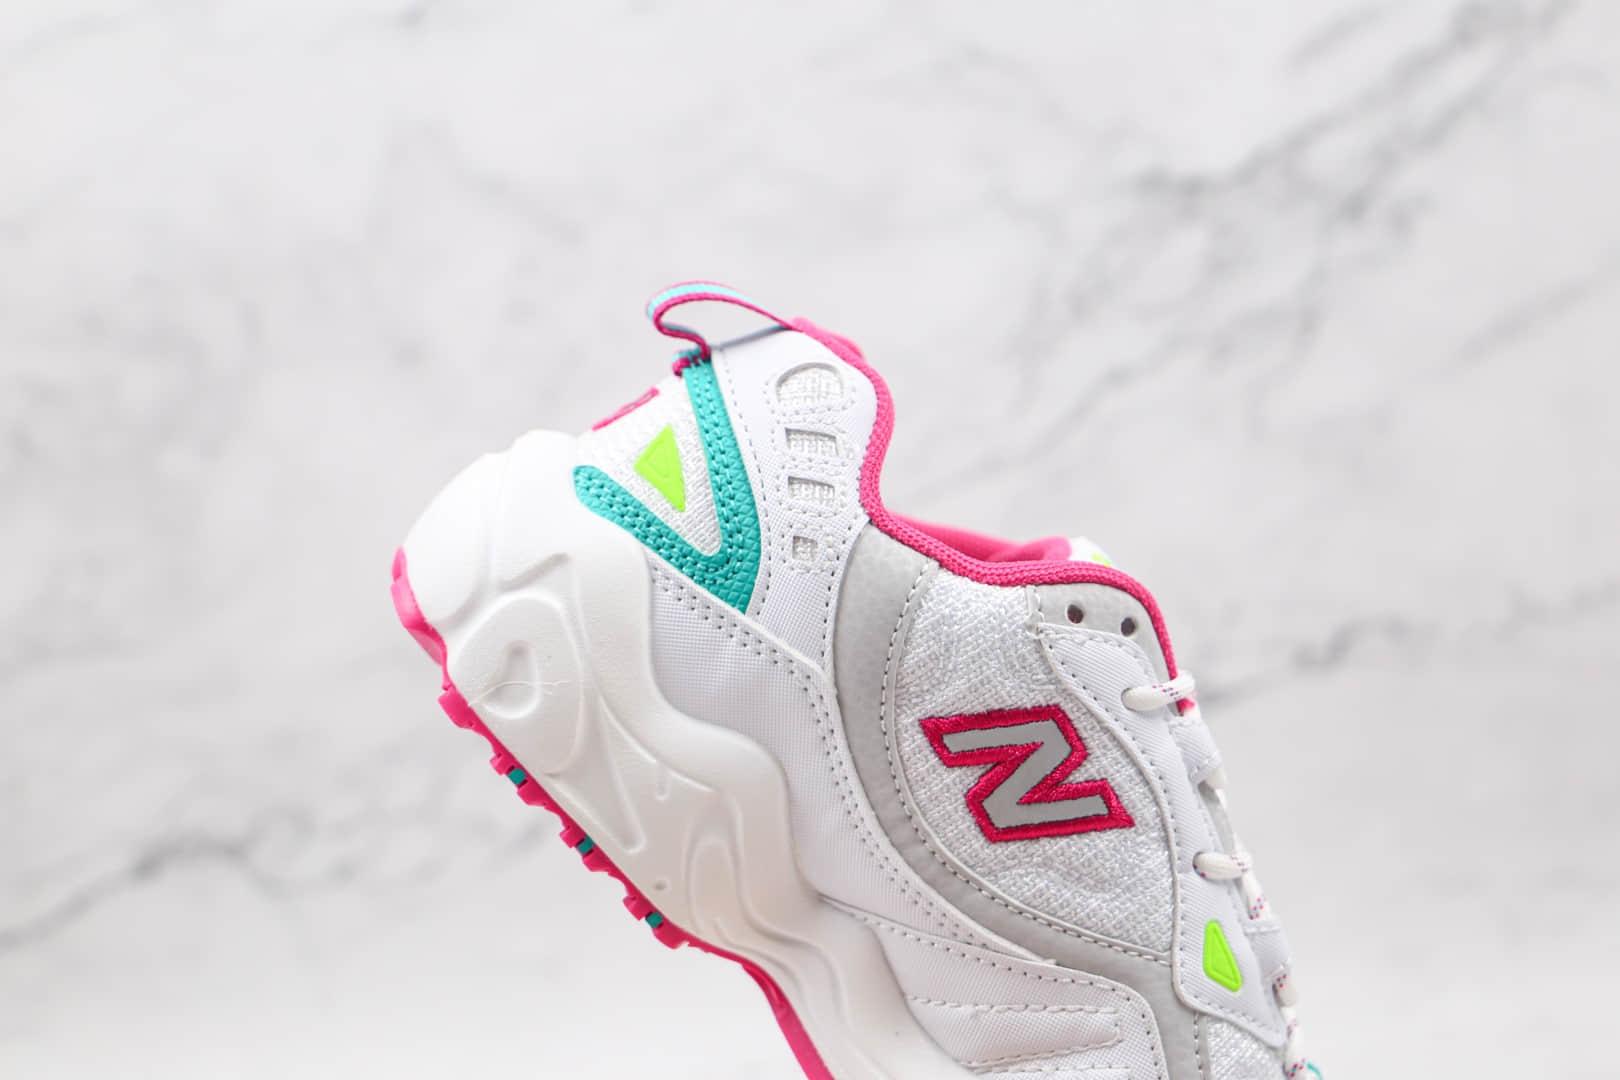 新百伦New Balance ML703纯原版本复古NB703白红色3m反光慢跑鞋原盒原标 货号:WL703BF